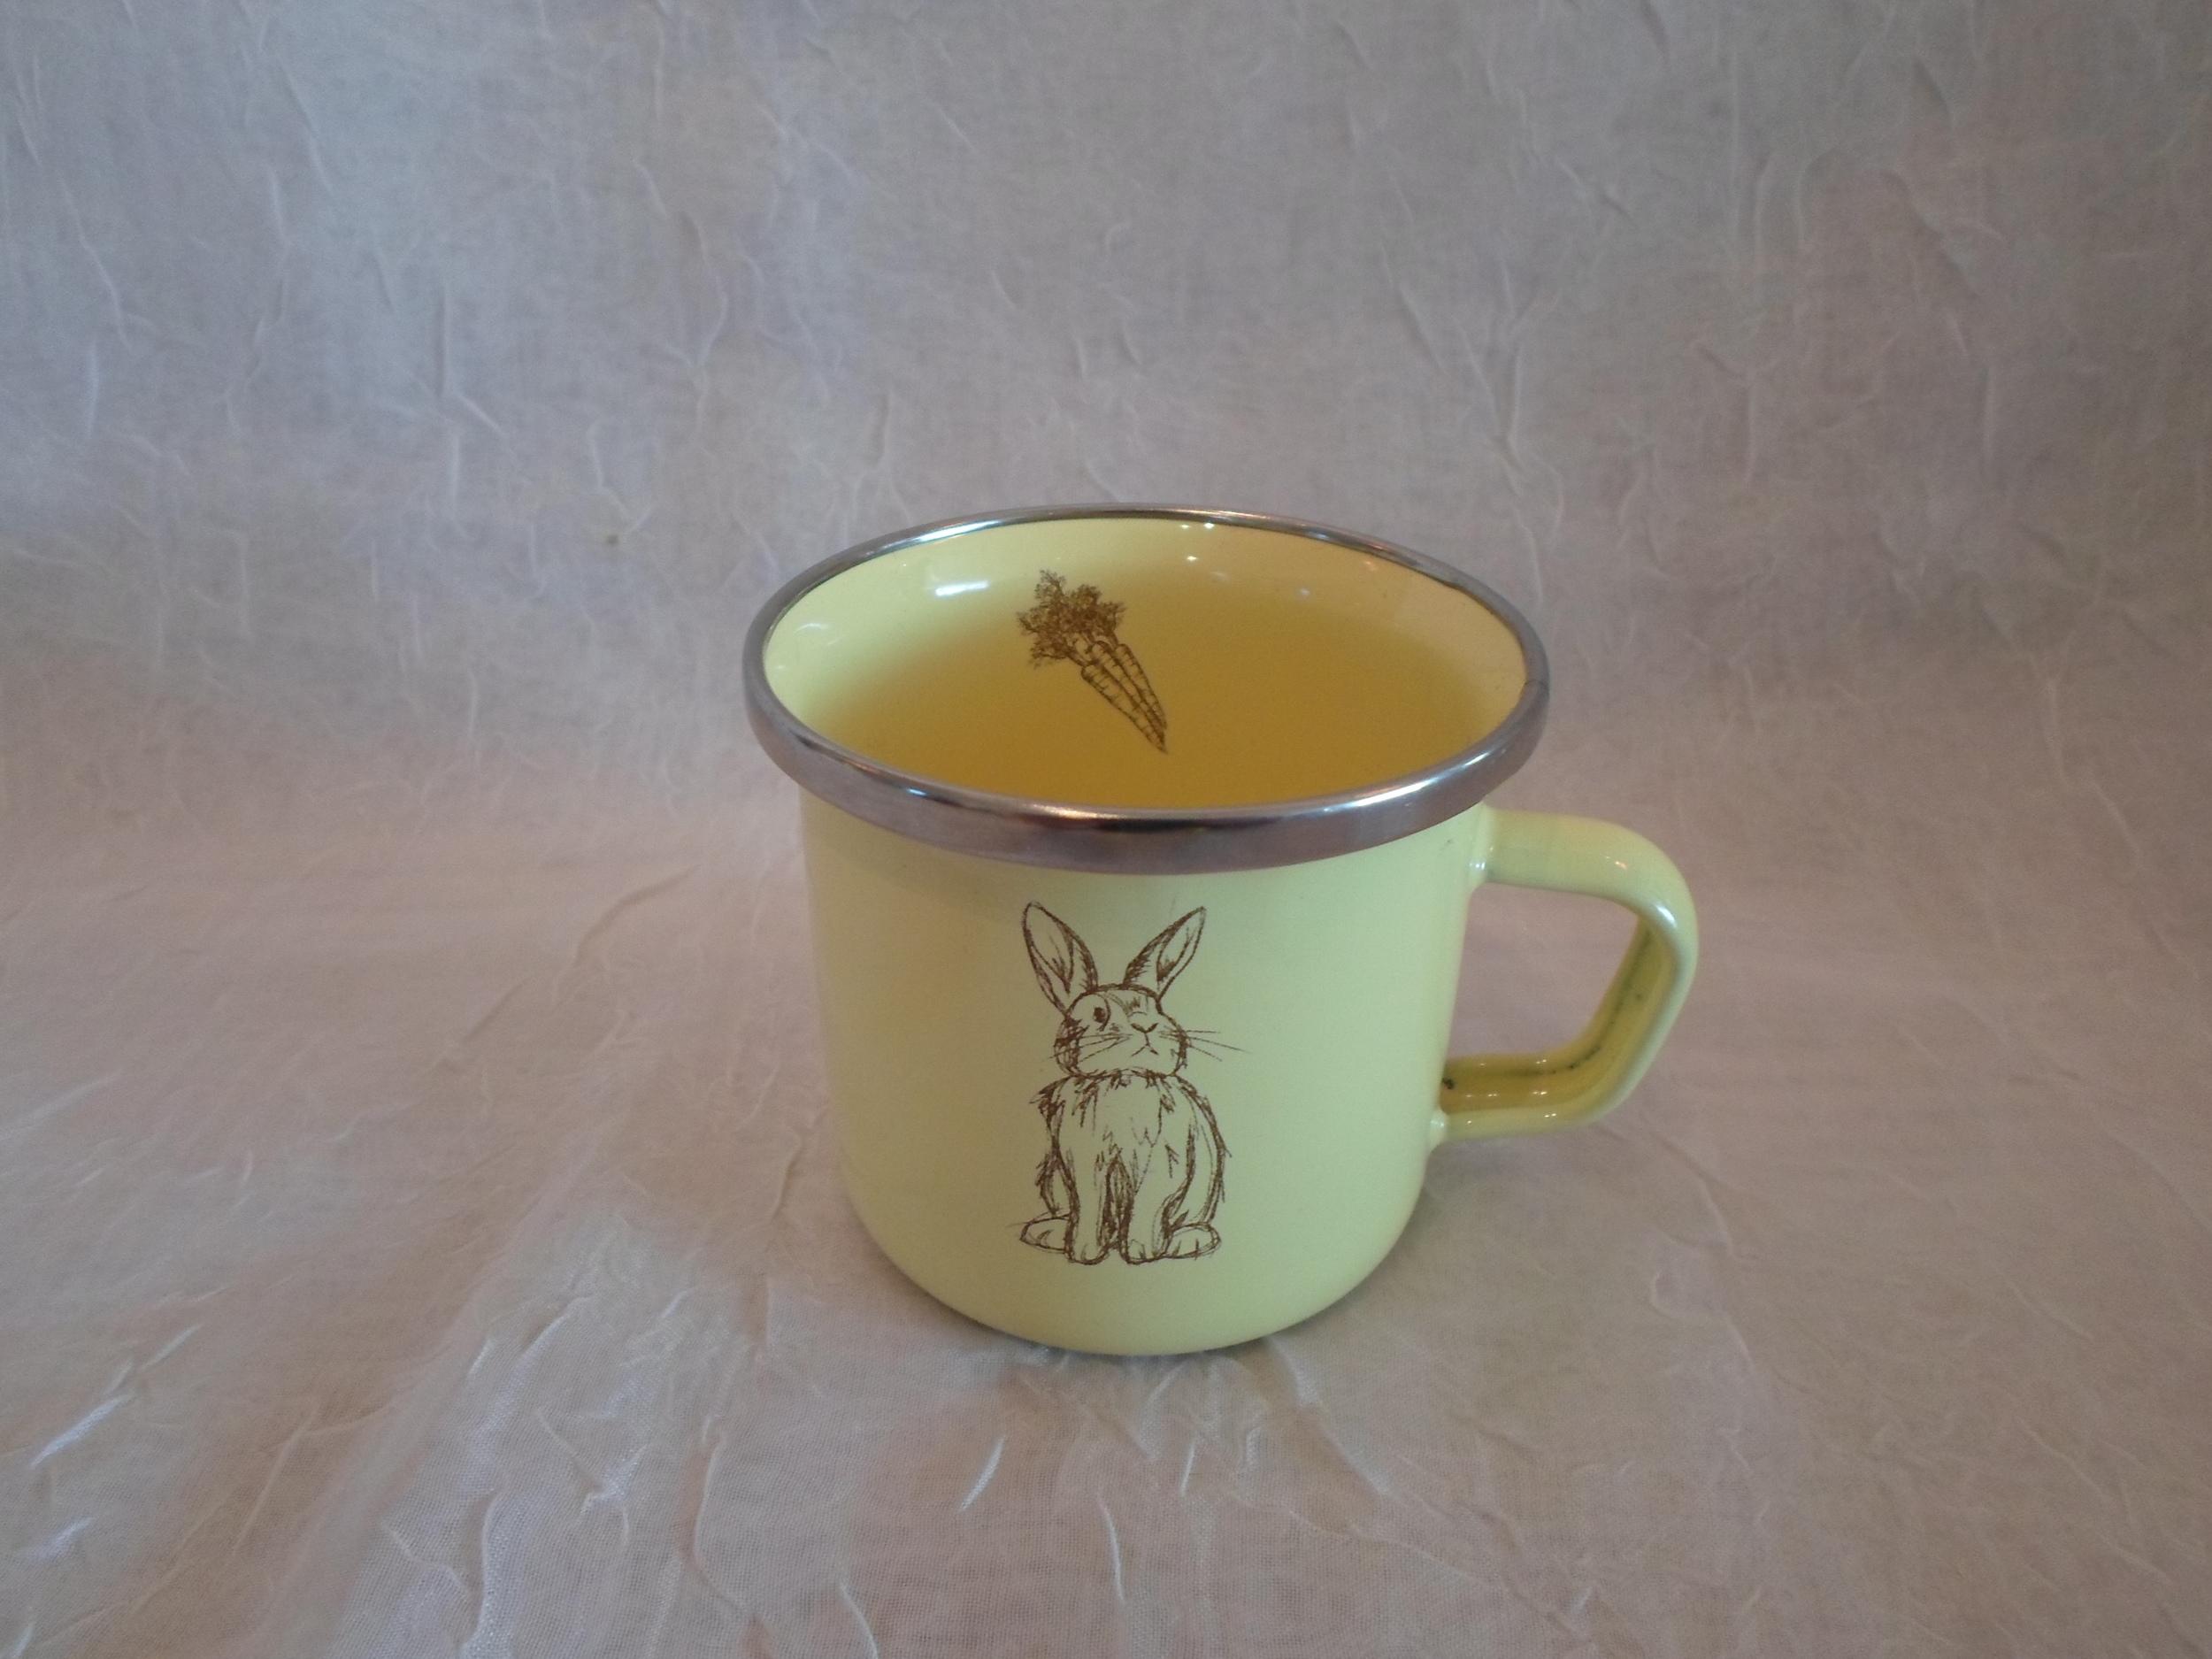 Enamelware Yellow Bunny Mug     $9.95    Wants 1 PURCHASED